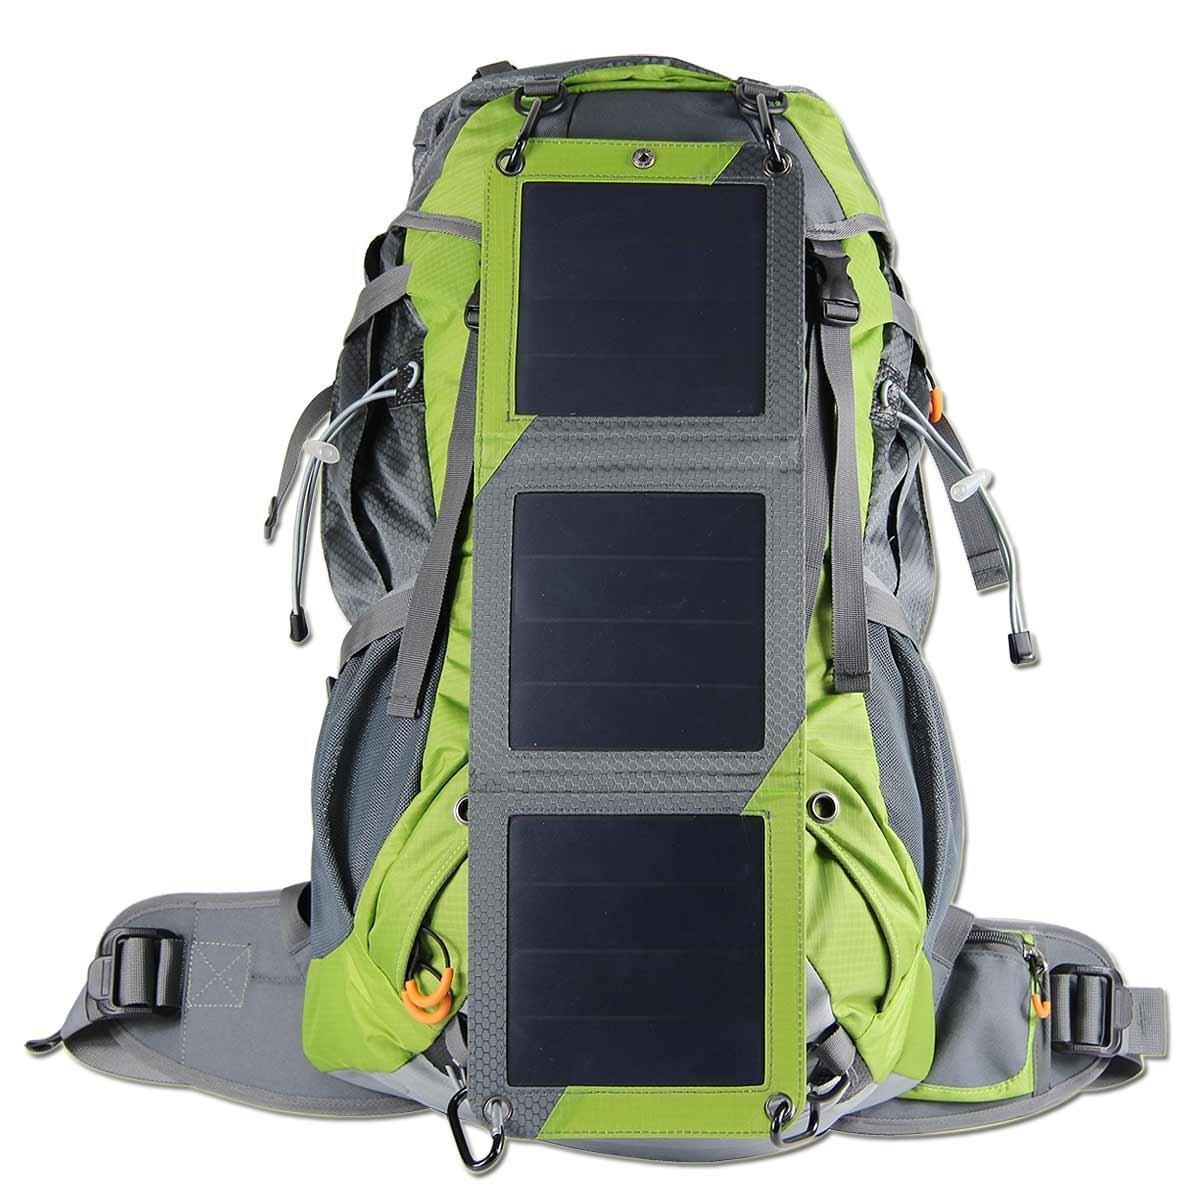 Zaino Pirelli Pannello Solare : Zaino trekking con pannelli energia solare ke shop